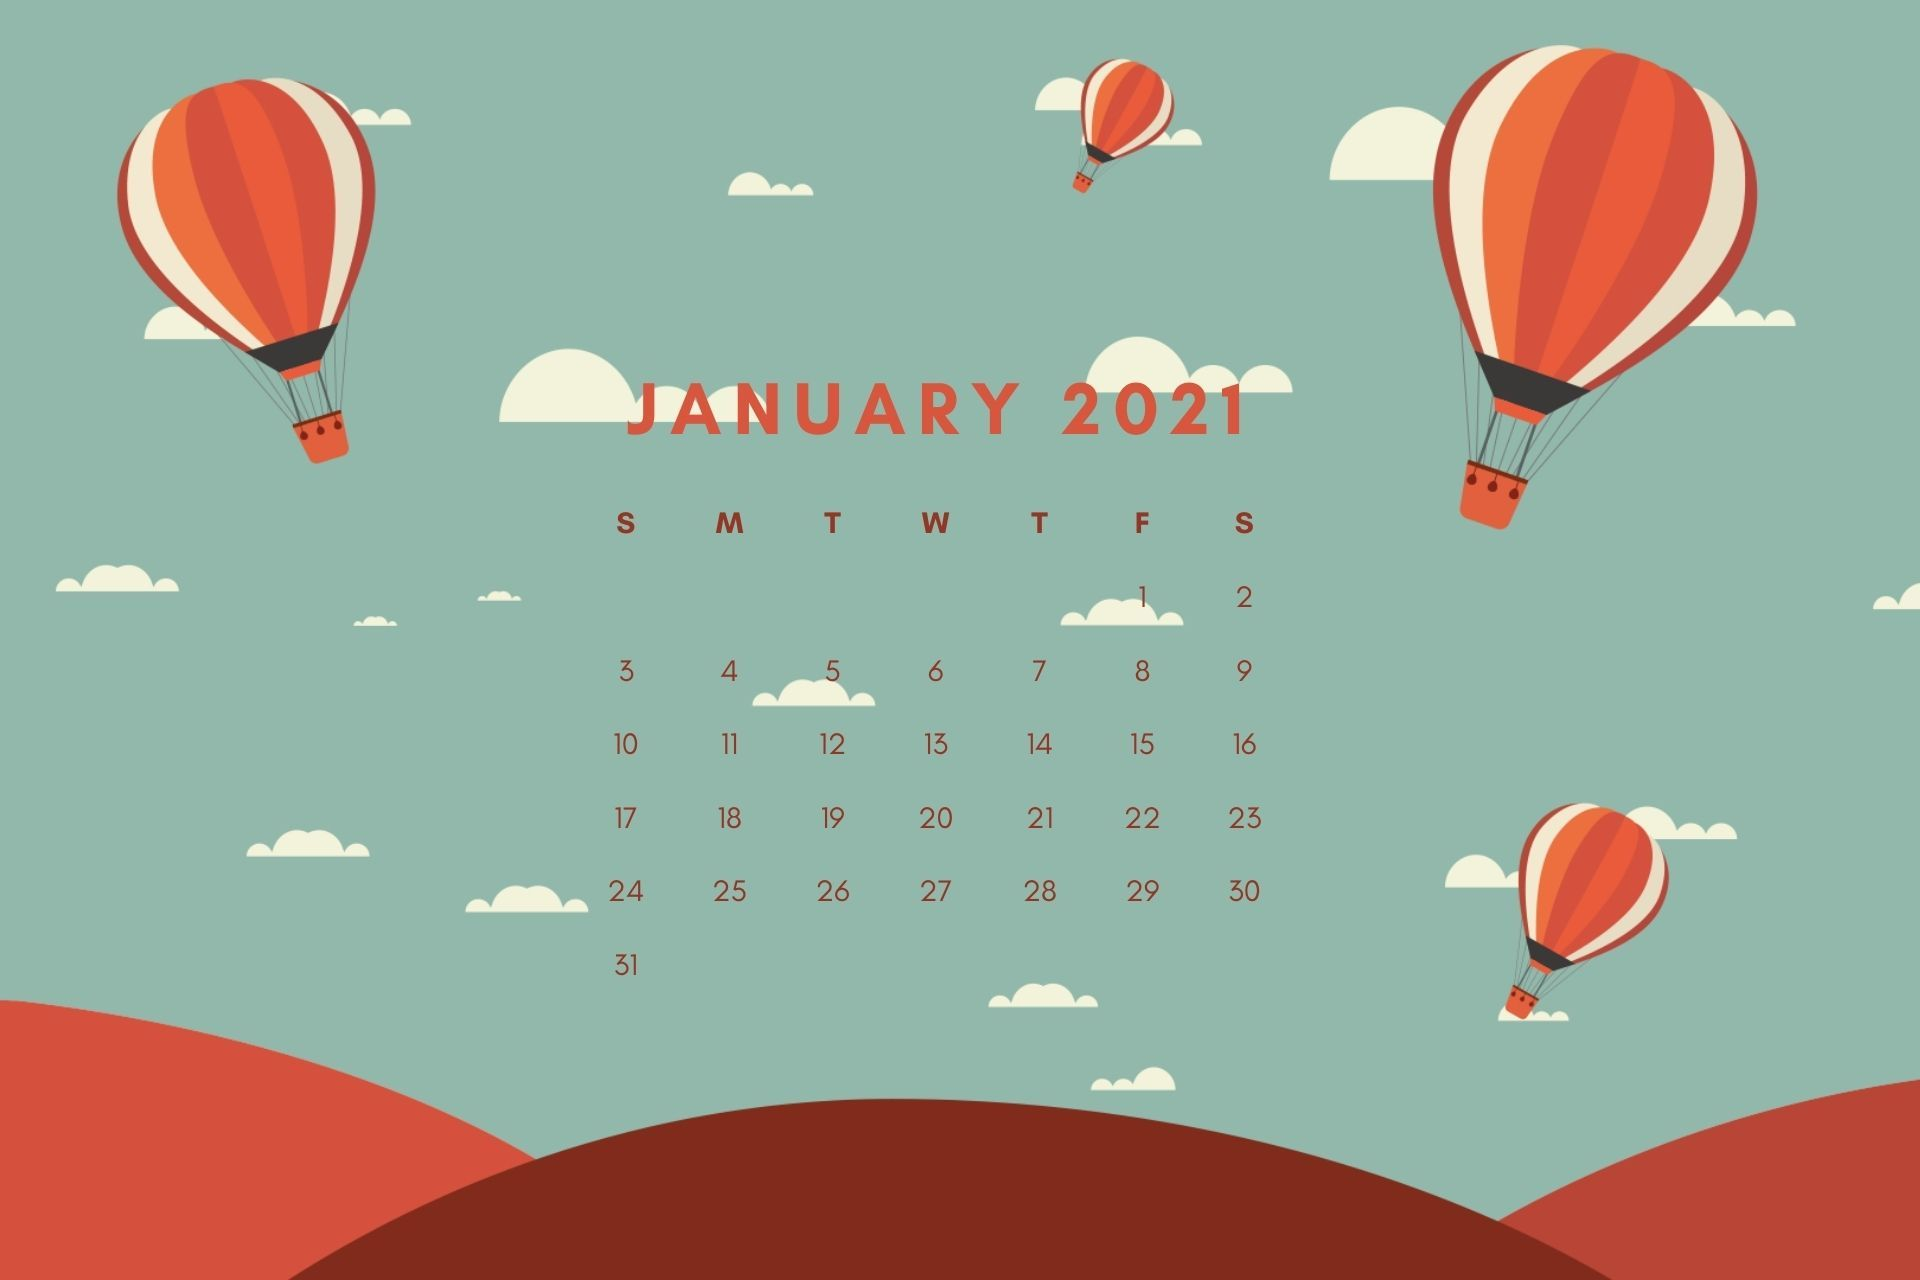 January 2021 Calendar HD Wallpaper Download Calendar wallpaper 1920x1280